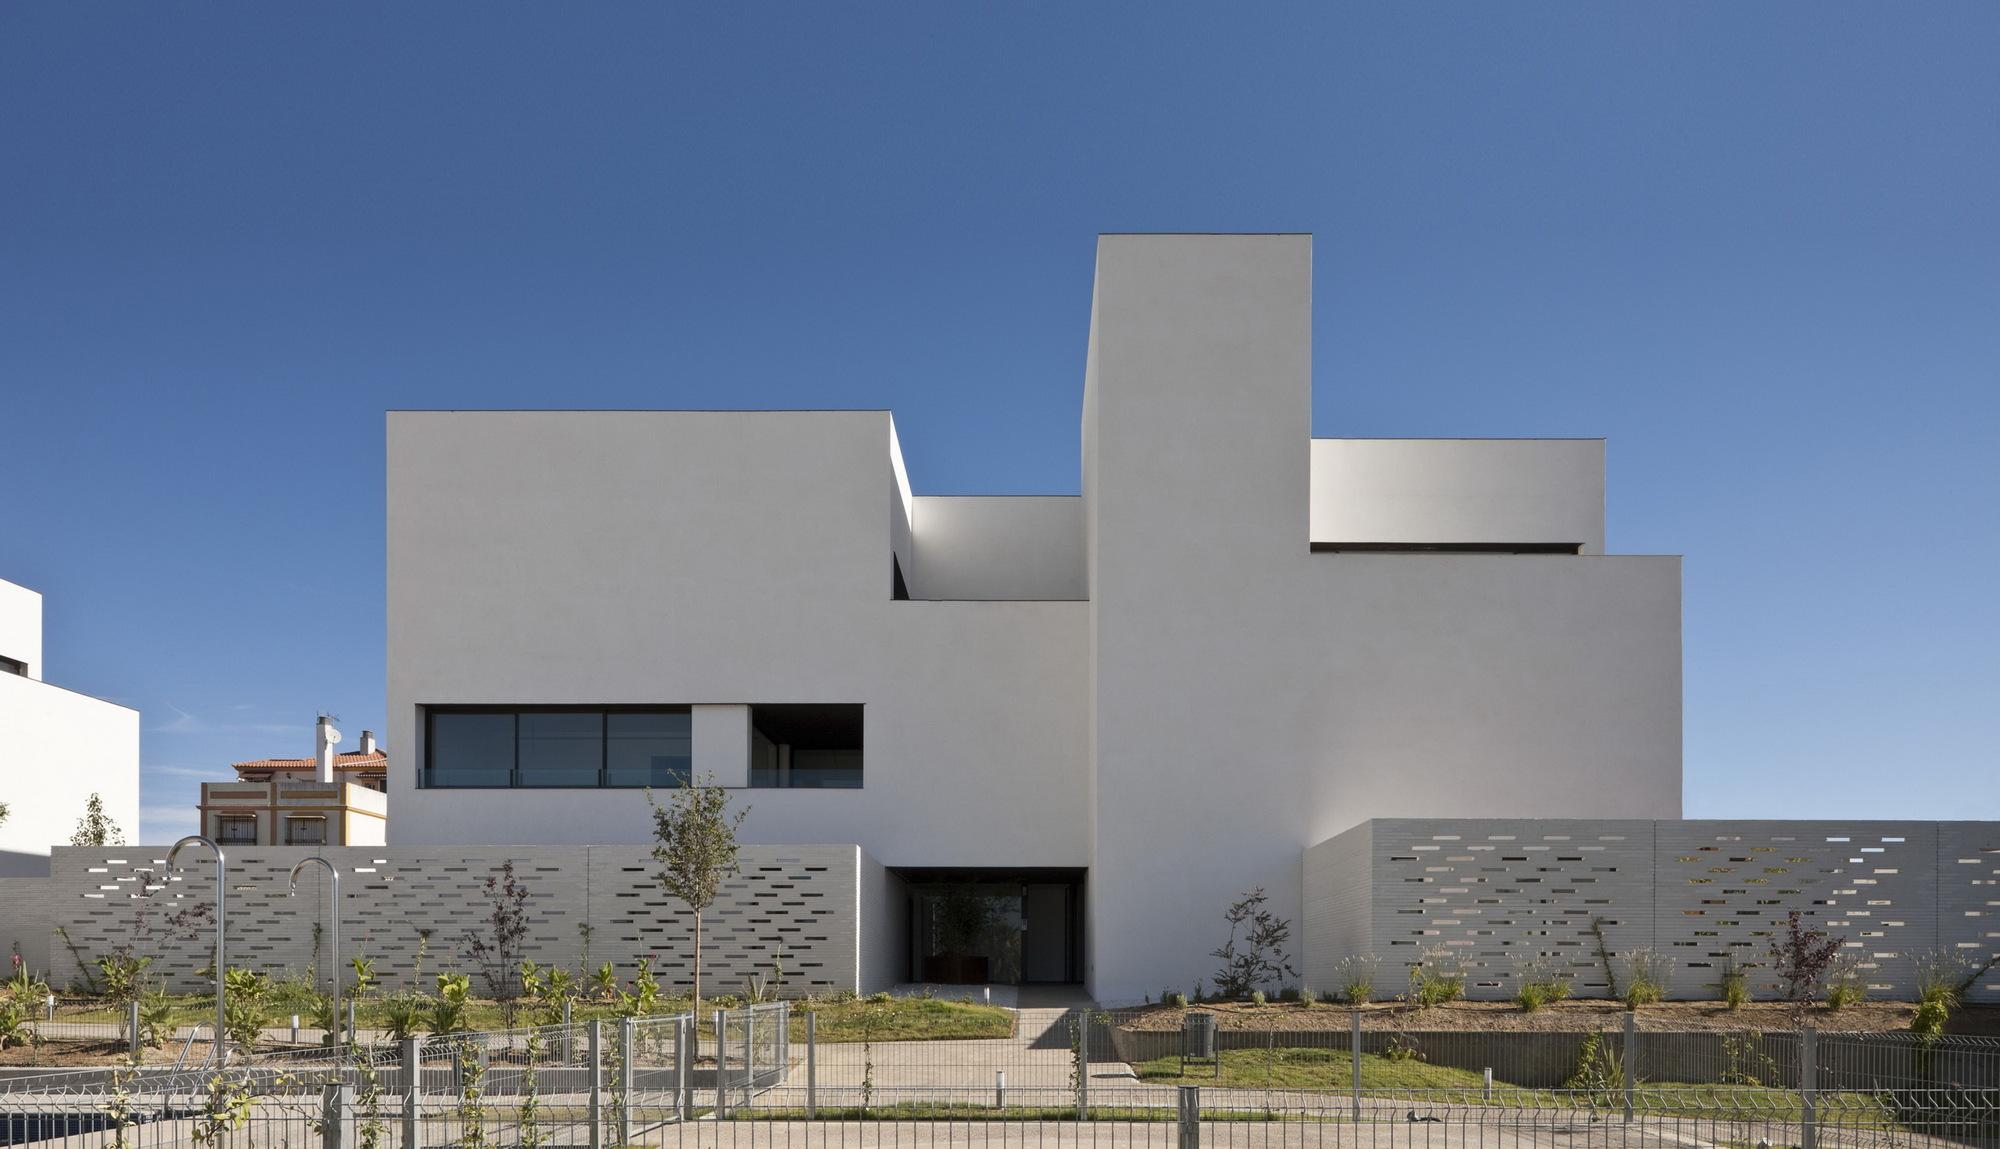 36 residential units eddea arquitectura y urbanismo for Arquitectura y urbanismo